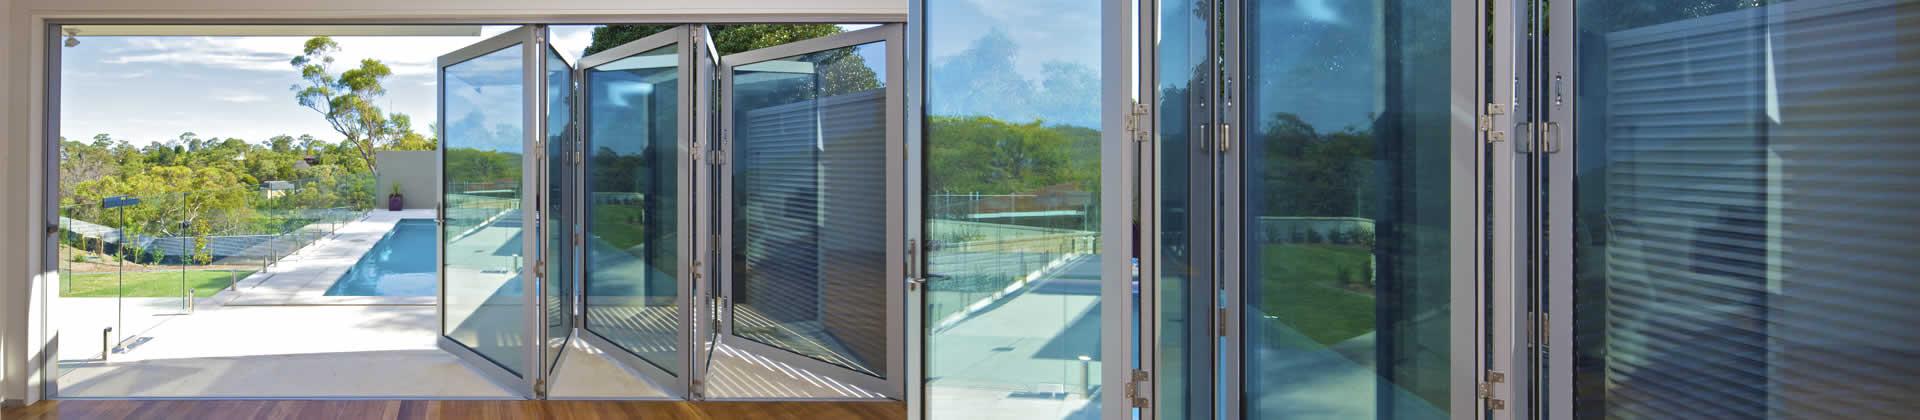 Hawkesbury Commercial Multi-Fold Door